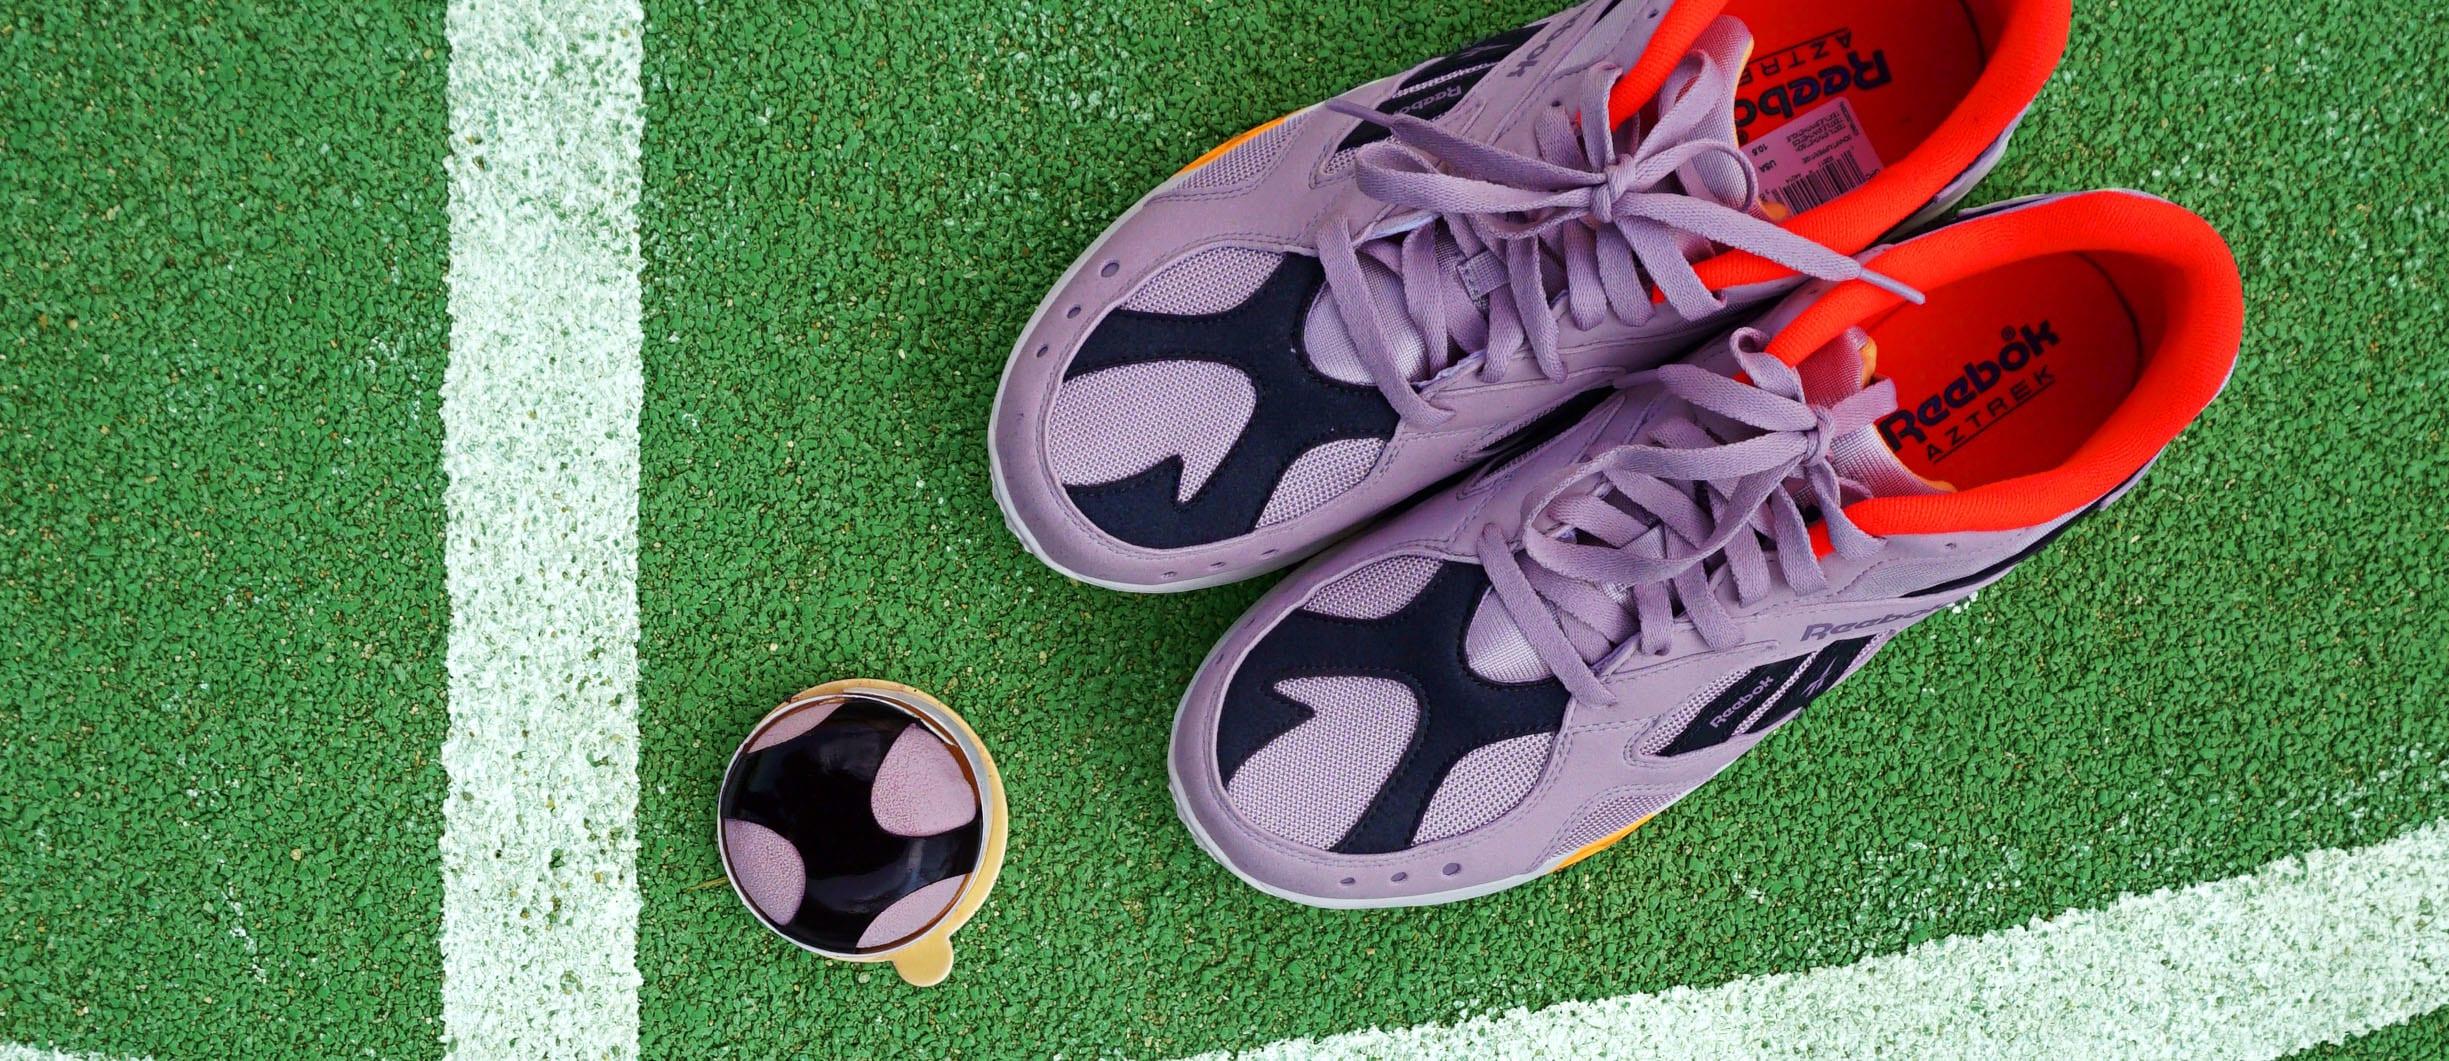 f83cd9654cea7 Des pâtisseries inspirées de chaussures   un résultat qui met l eau ...